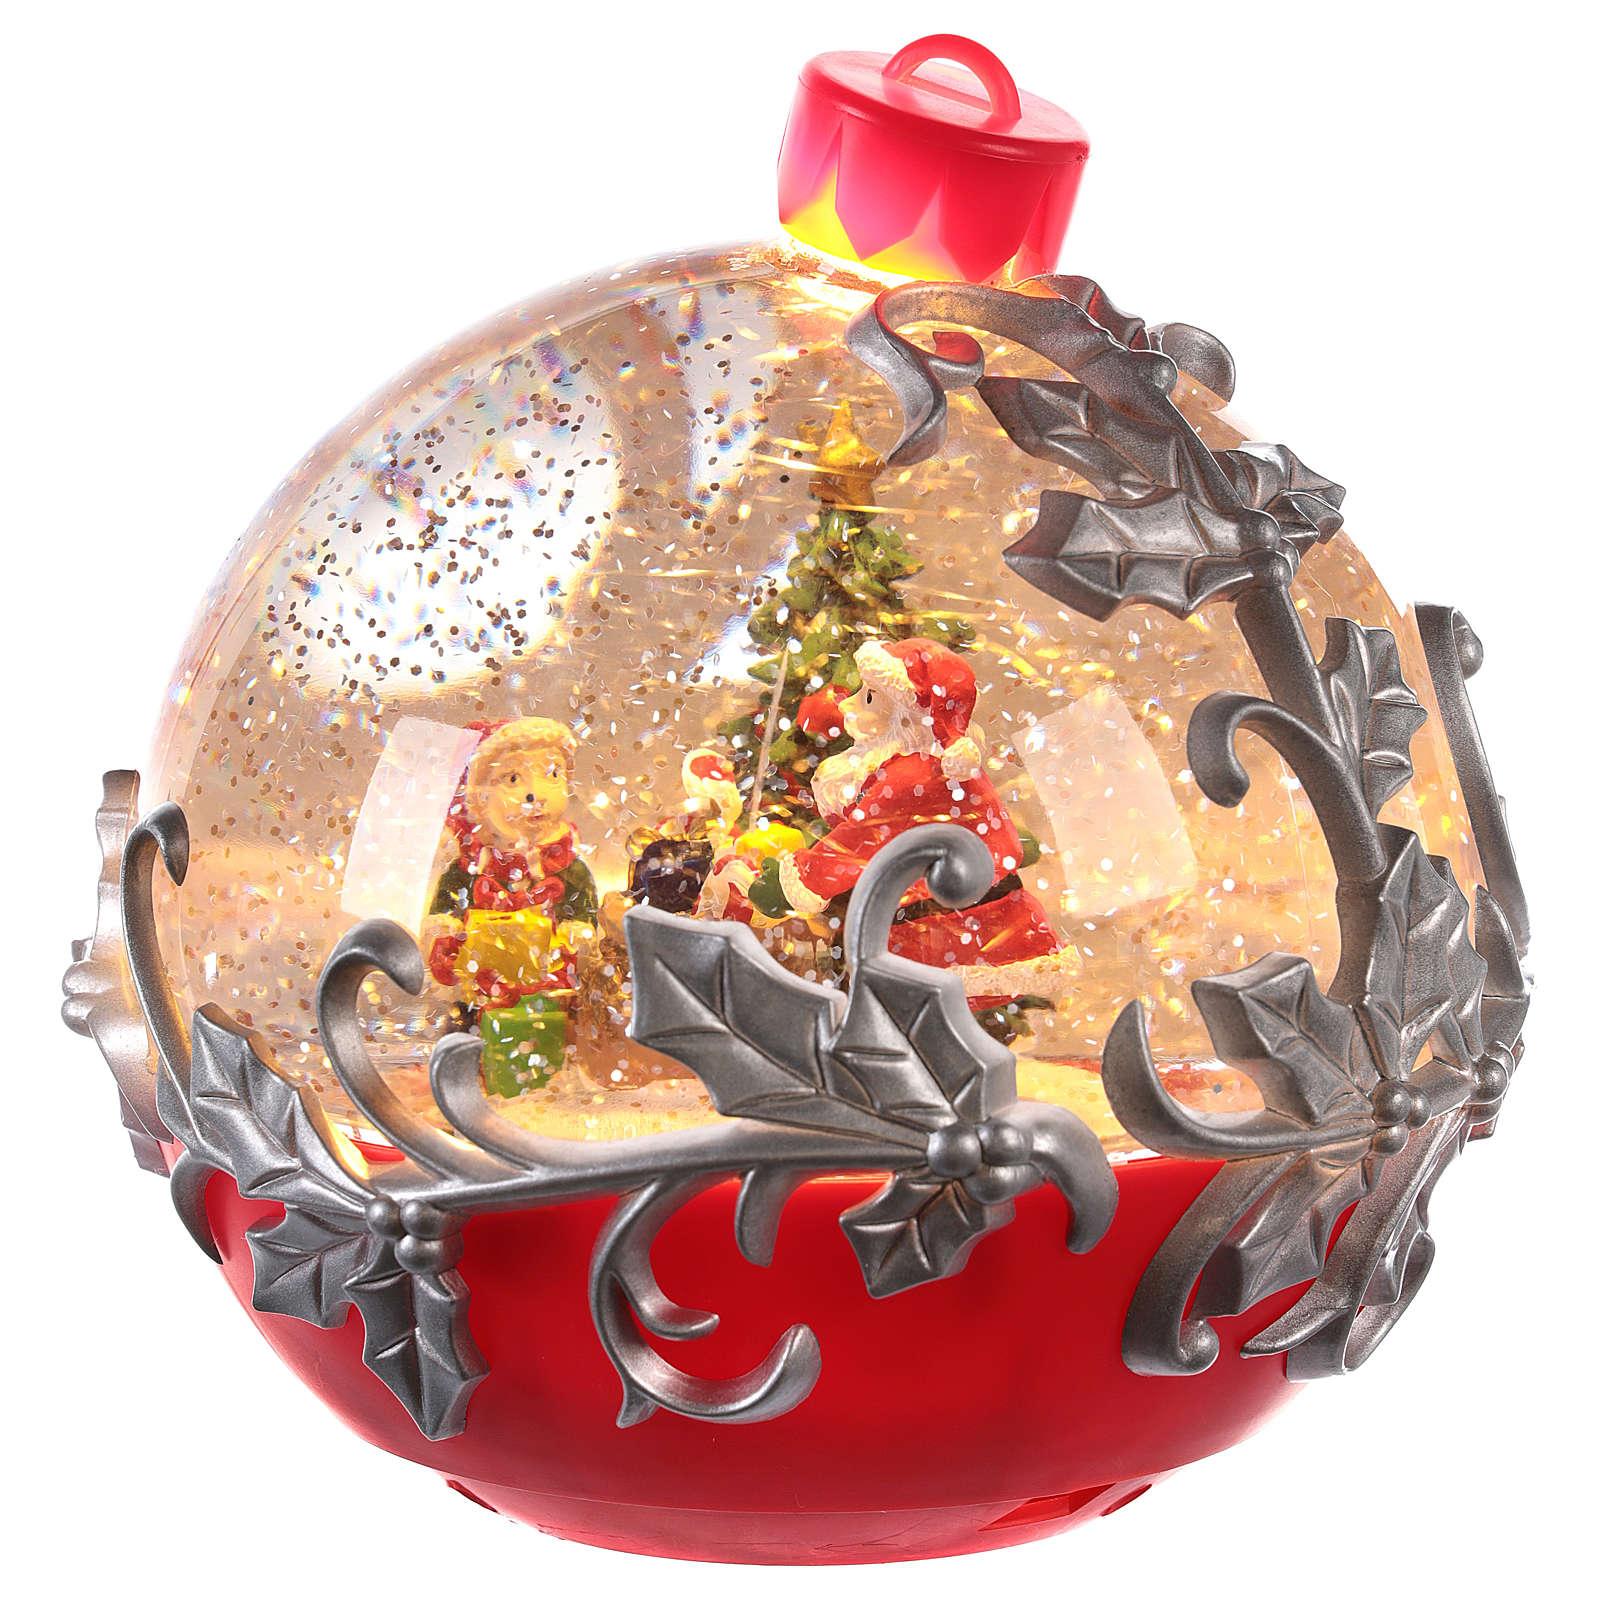 Glass ball with Santa on sleigh 15x15 cm 3